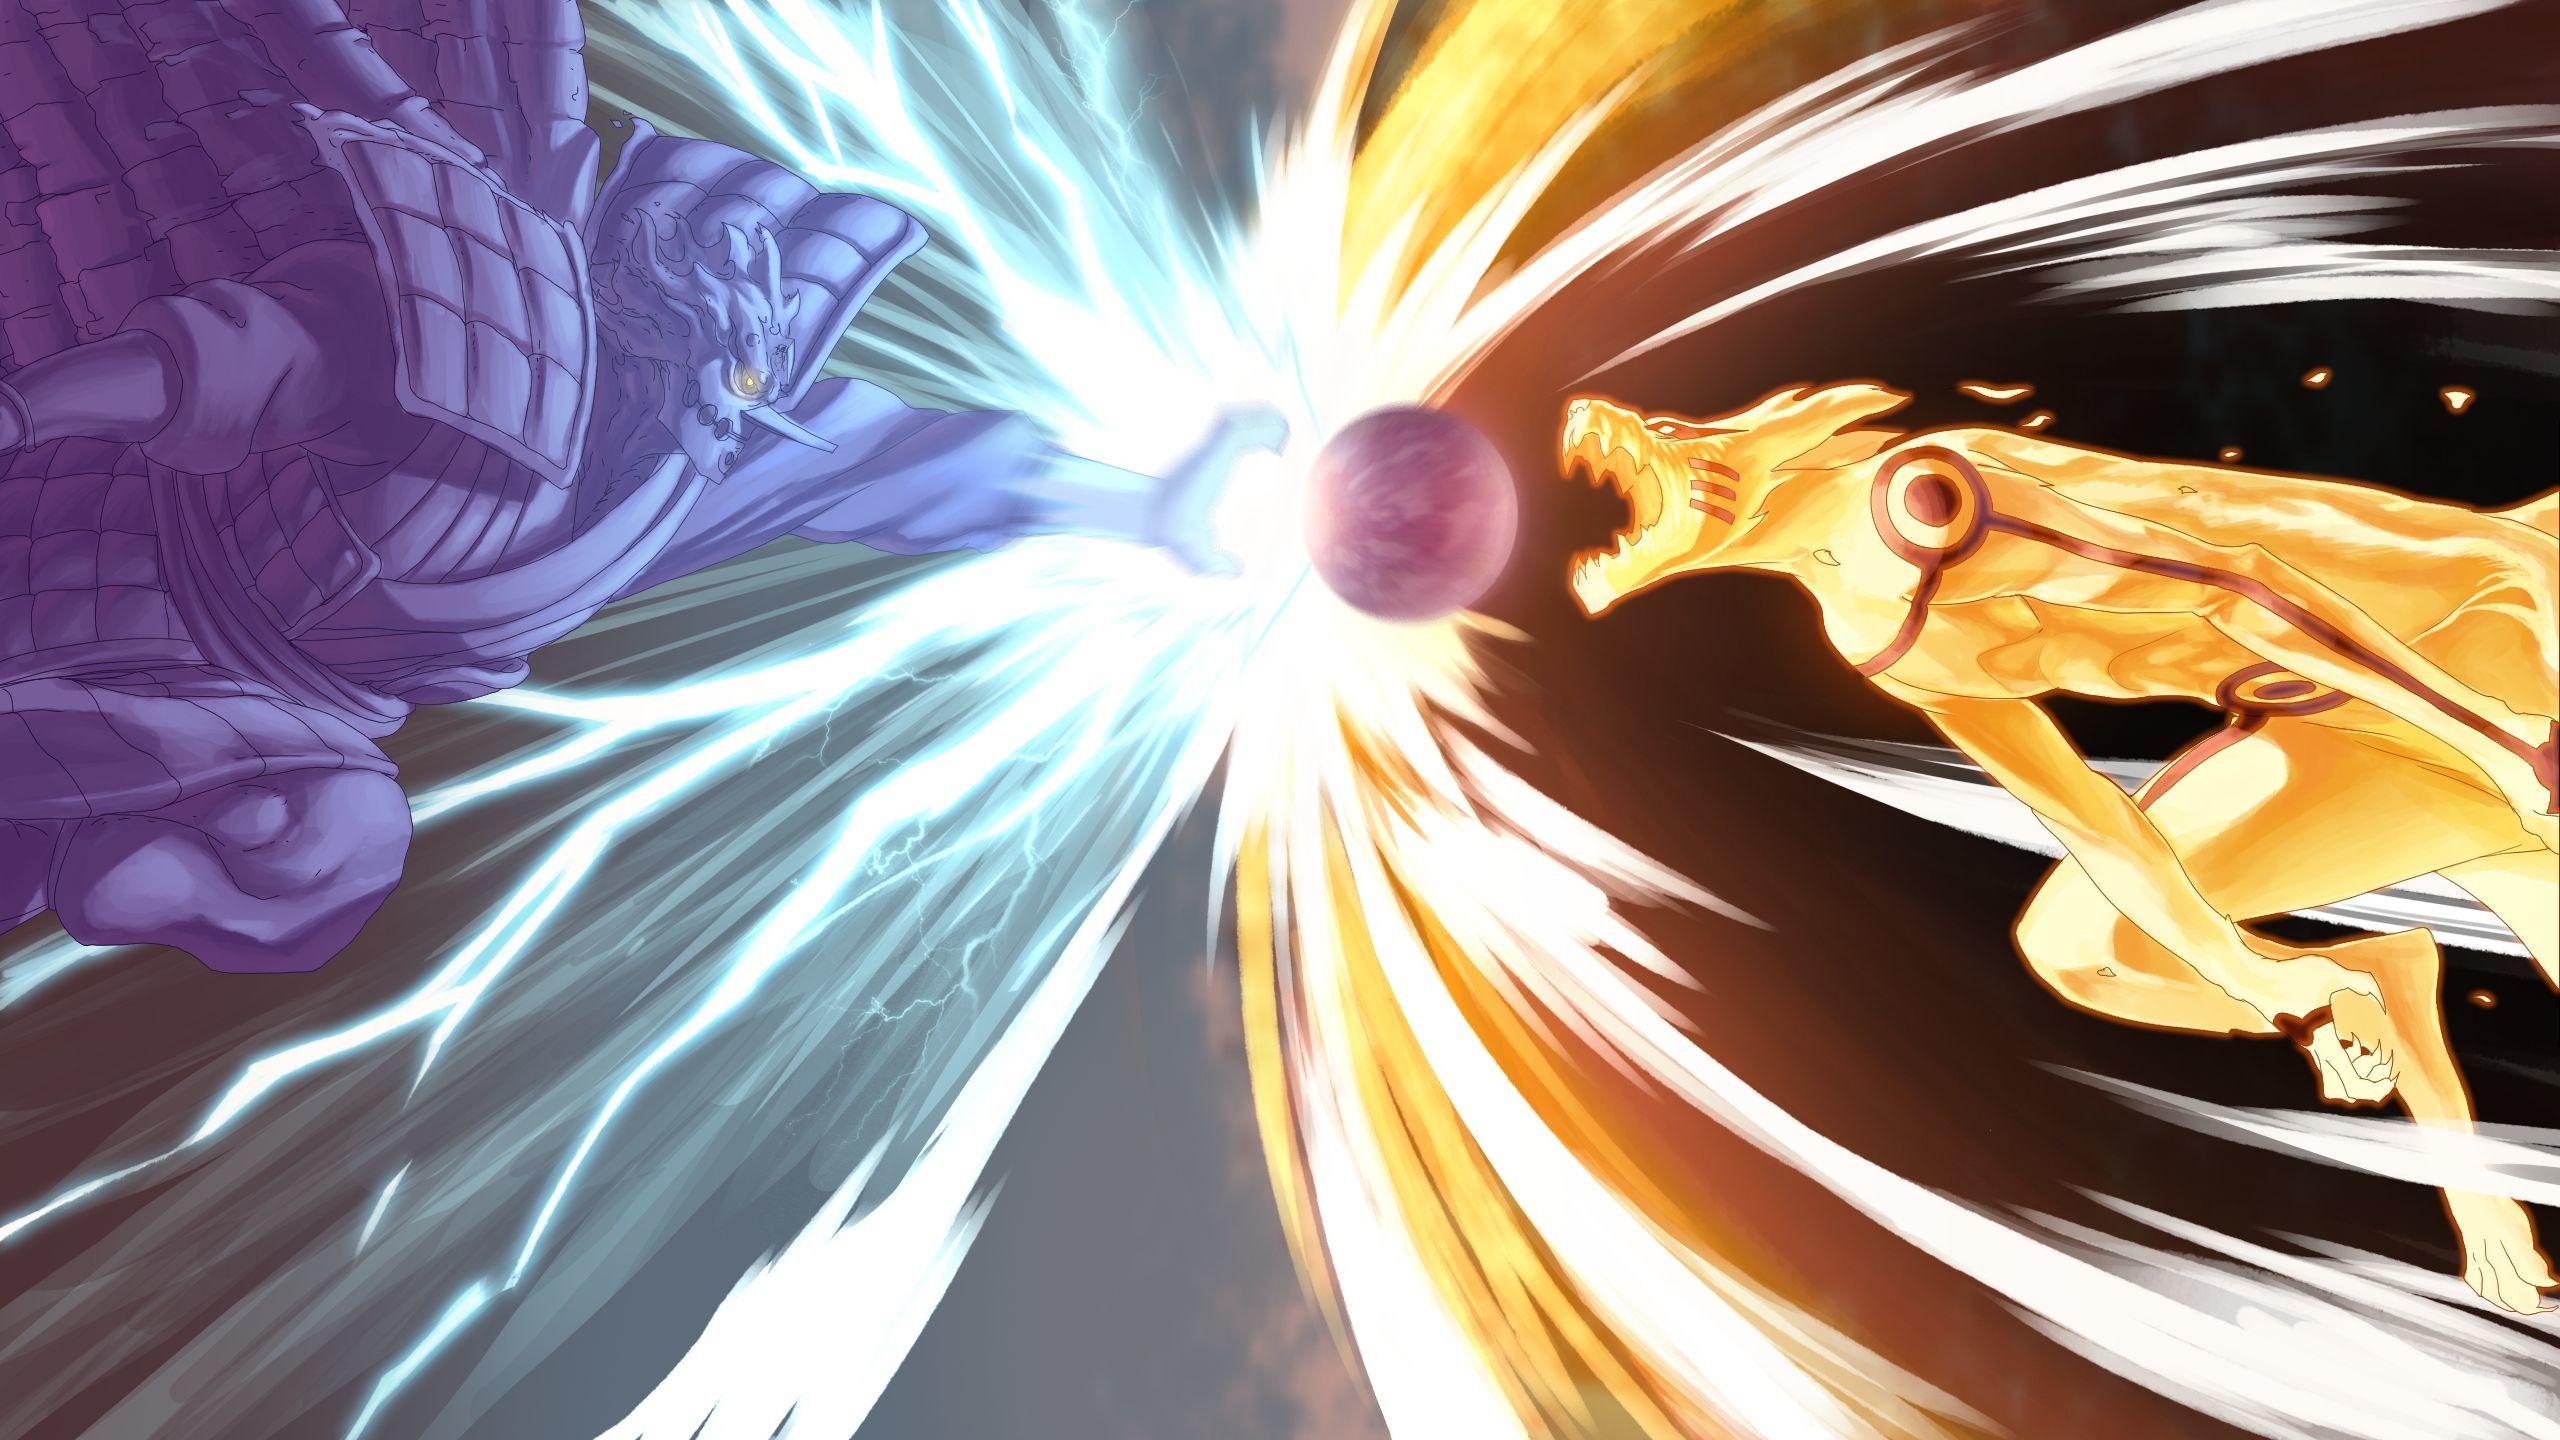 Res 2560x1440 Naruto Sasuke Wallpaper Hd Download Naruto Sasuke